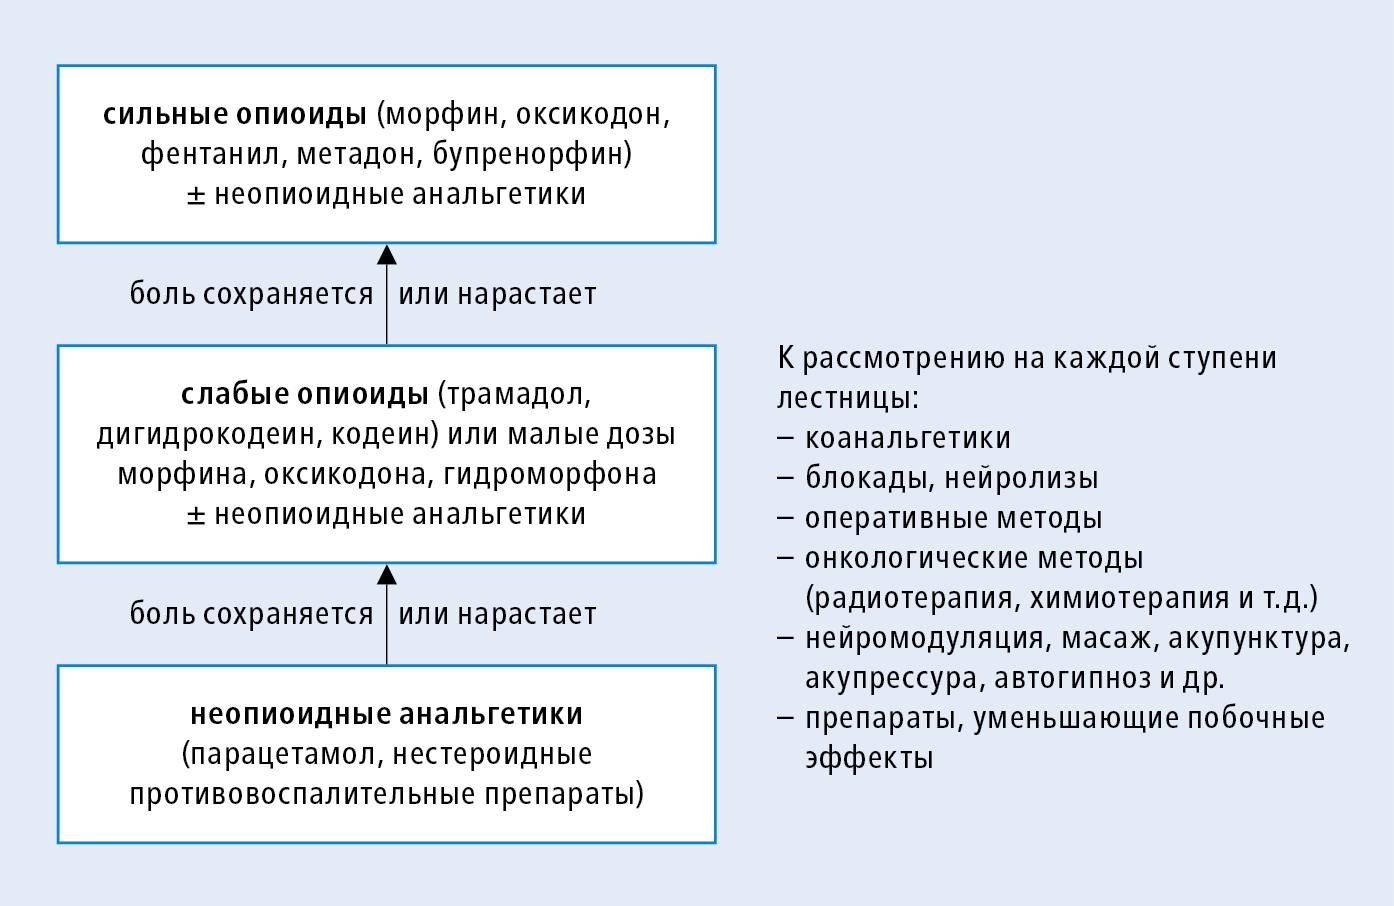 analgeticheskaya-terapiya-voz